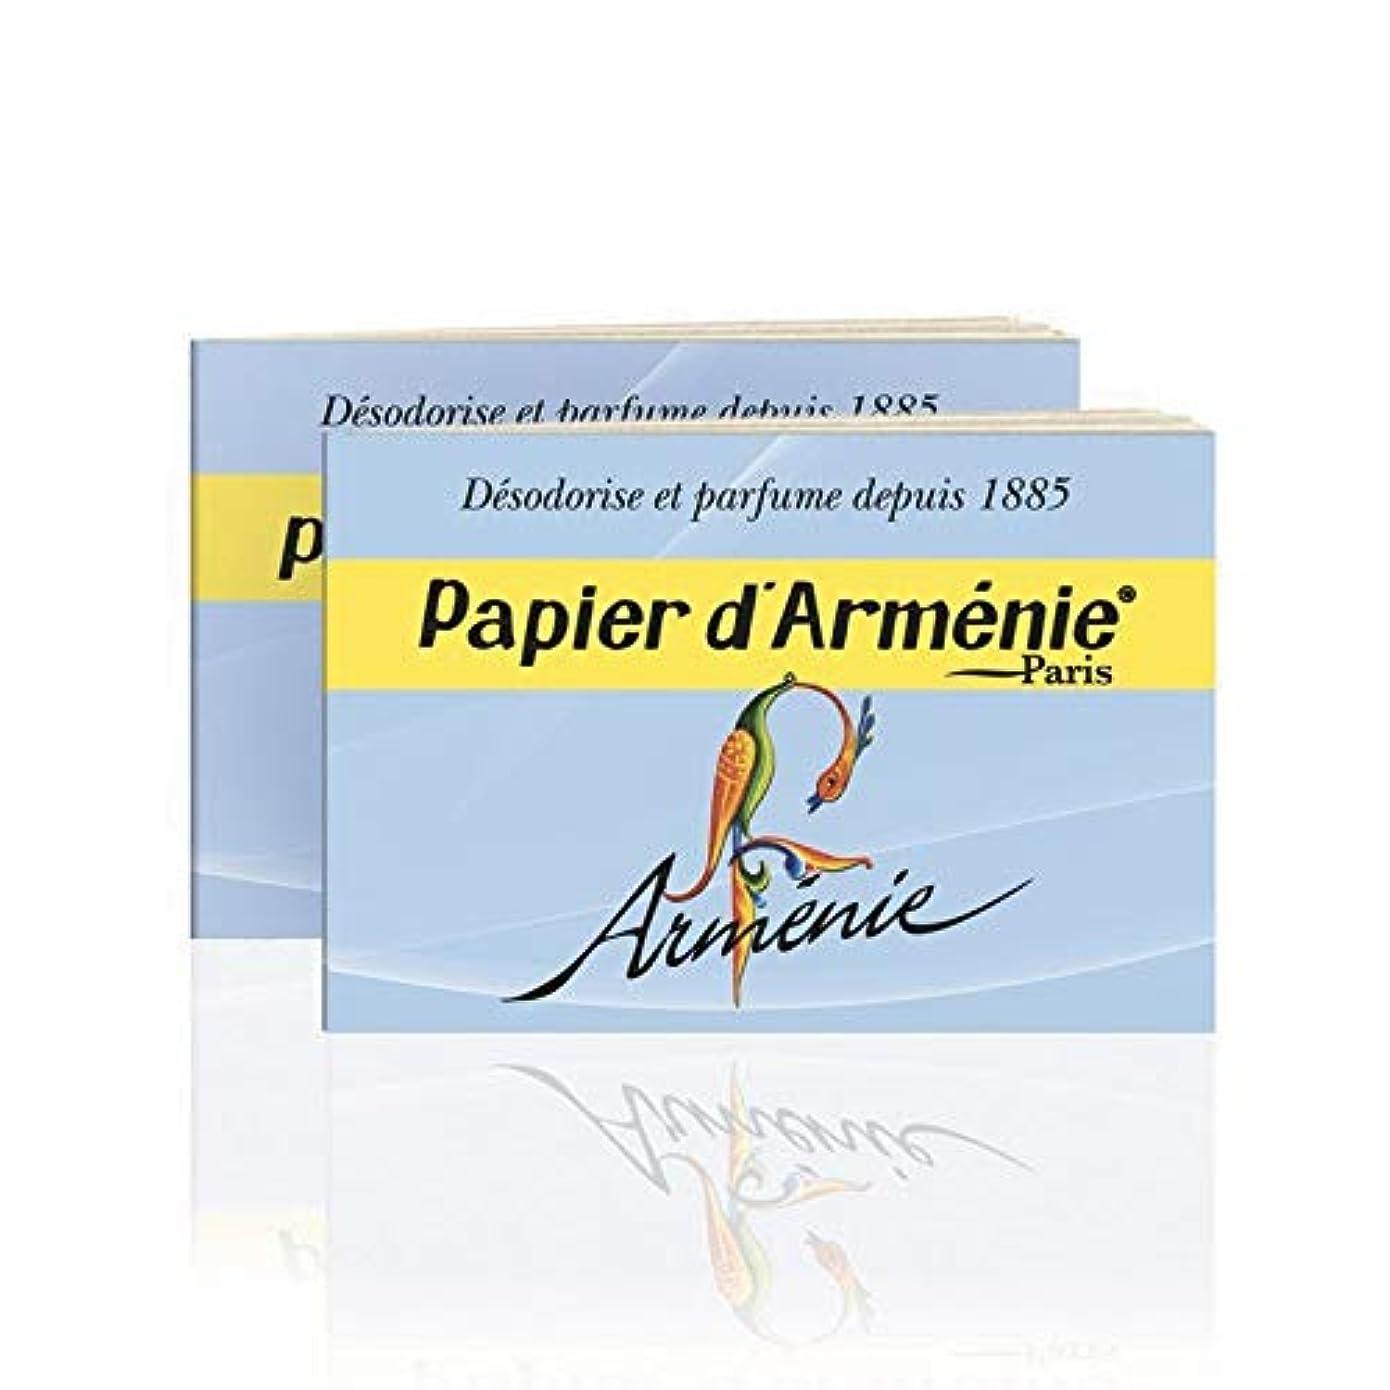 暖炉統合結婚したPapier d'Arménie パピエダルメニイ アルメニイ 紙のお香 フランス直送 2個